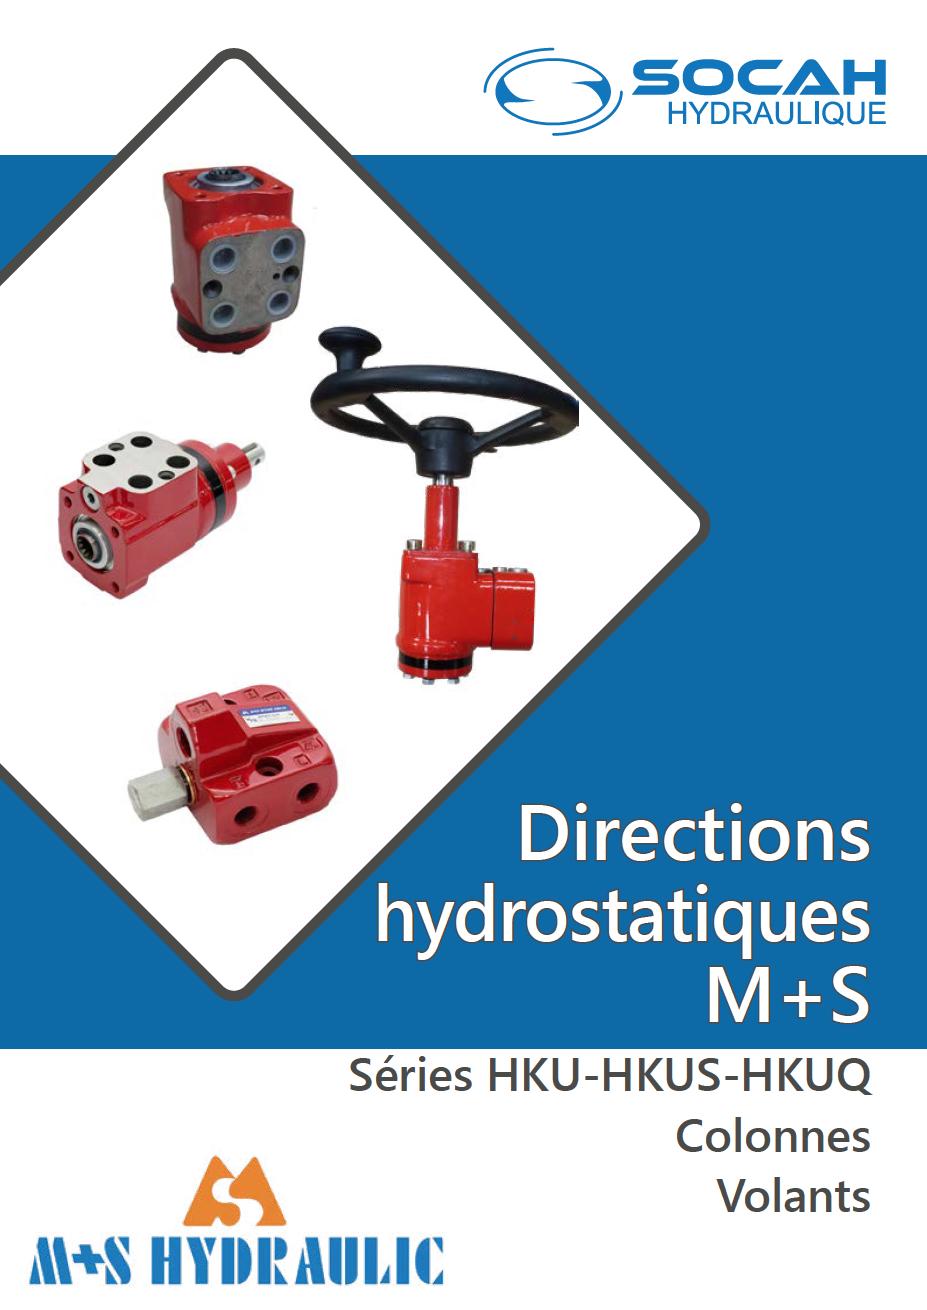 Fiche technique directions hydrostatiques M+S